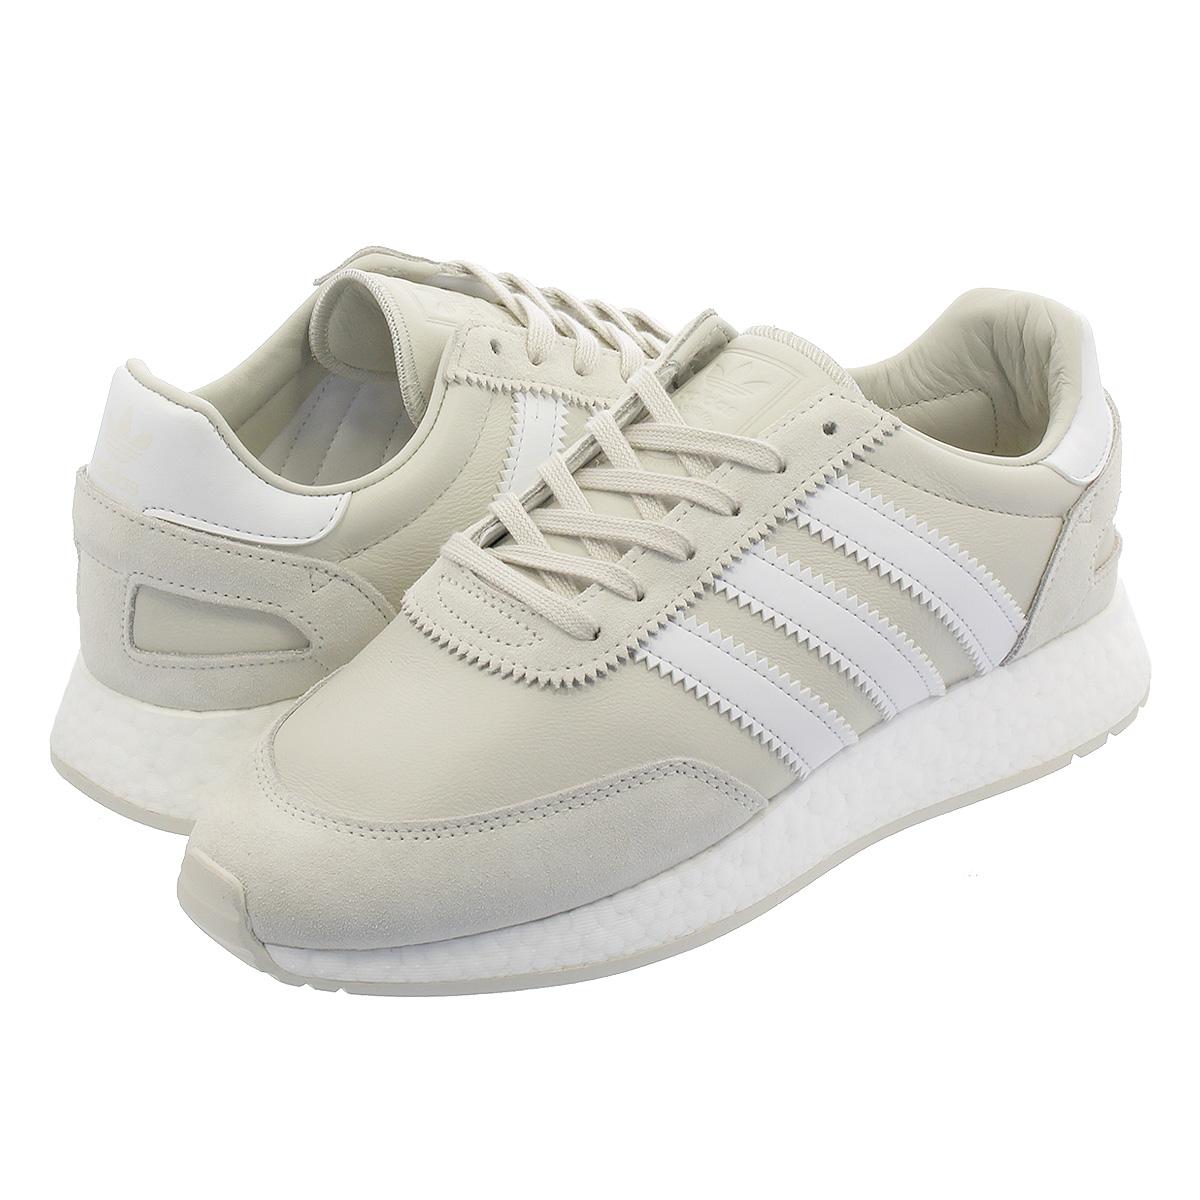 【毎日がお得!値下げプライス】 adidas I-5923 アディダス I-5923 RAW WHITE/CRYSTAL WHITE/RUNNING WHITE bd7799